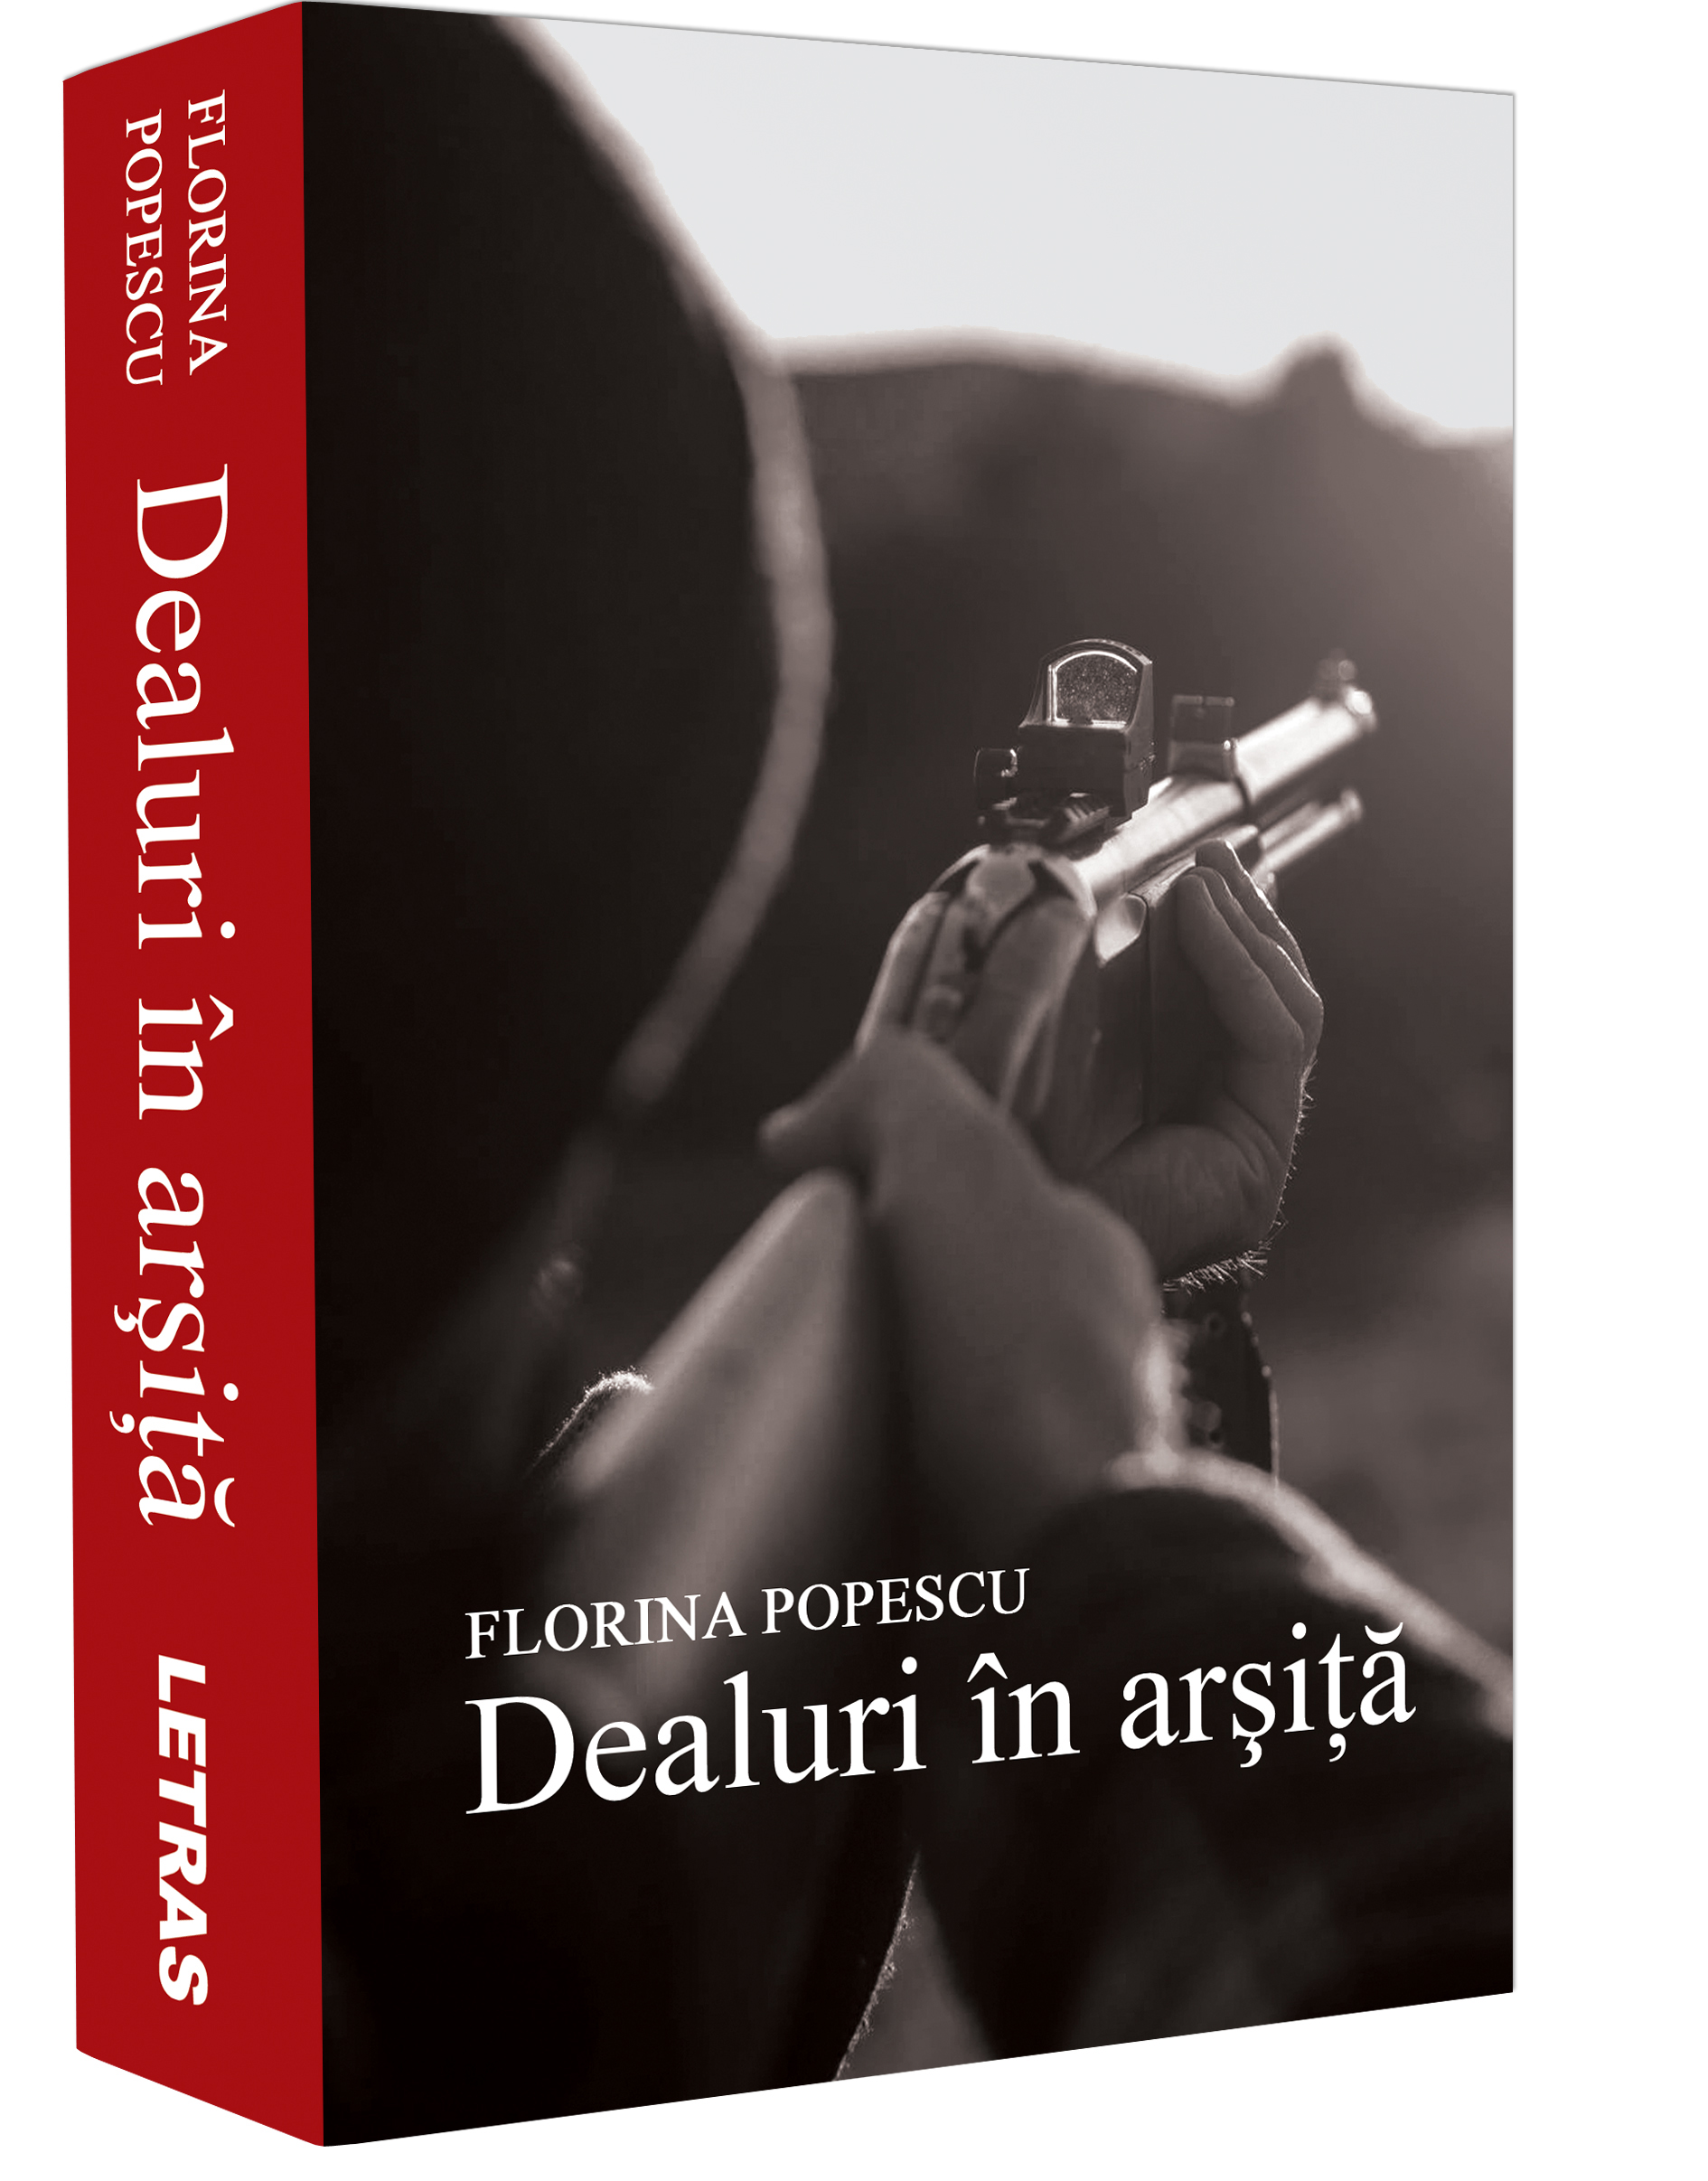 Dealuri in arsita - Florina Popescu - Editura Letras